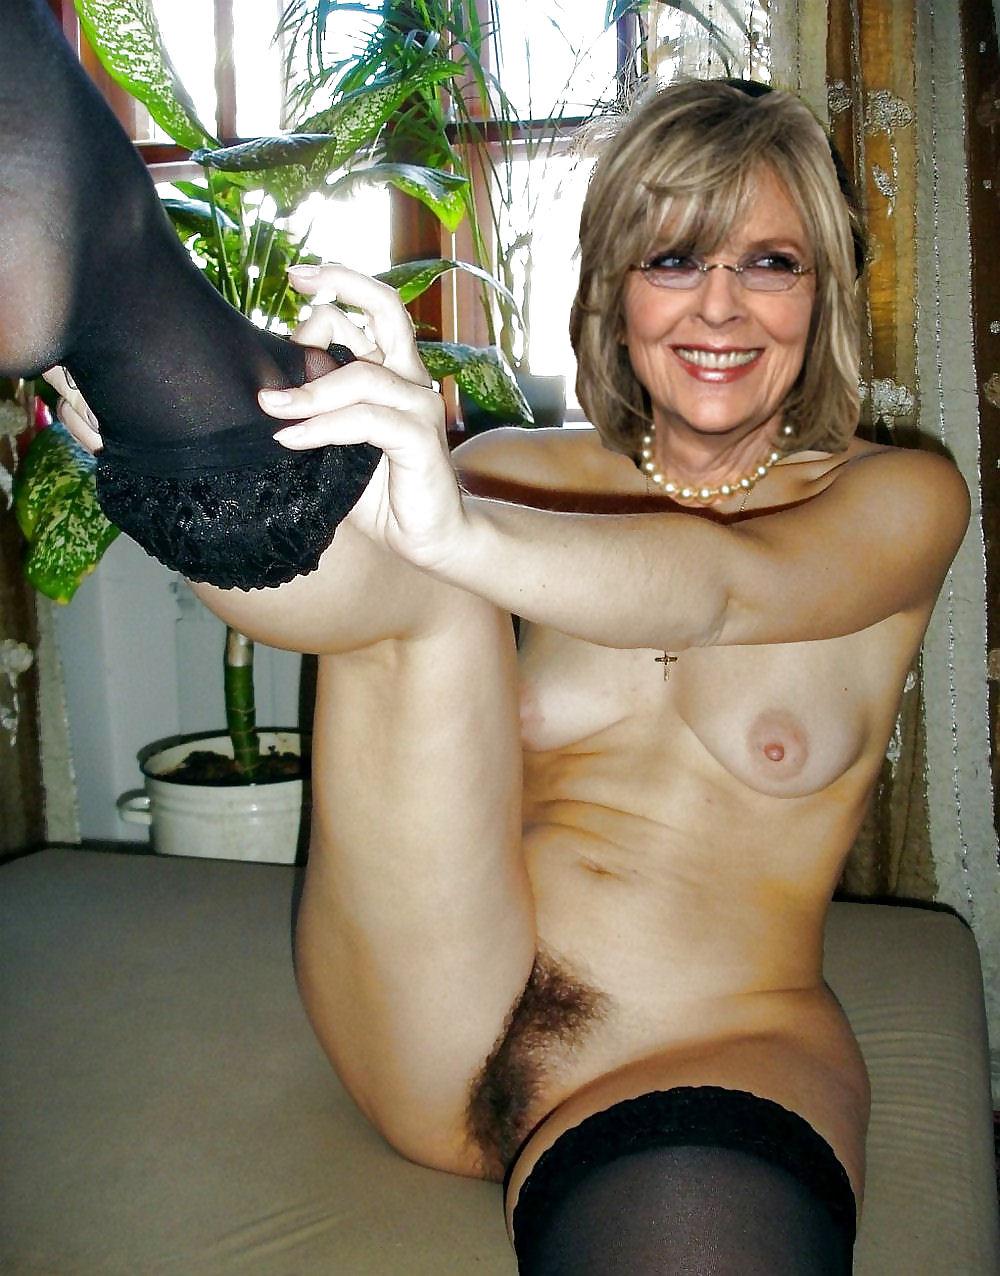 Congratulate, Diane keaton nude fakes